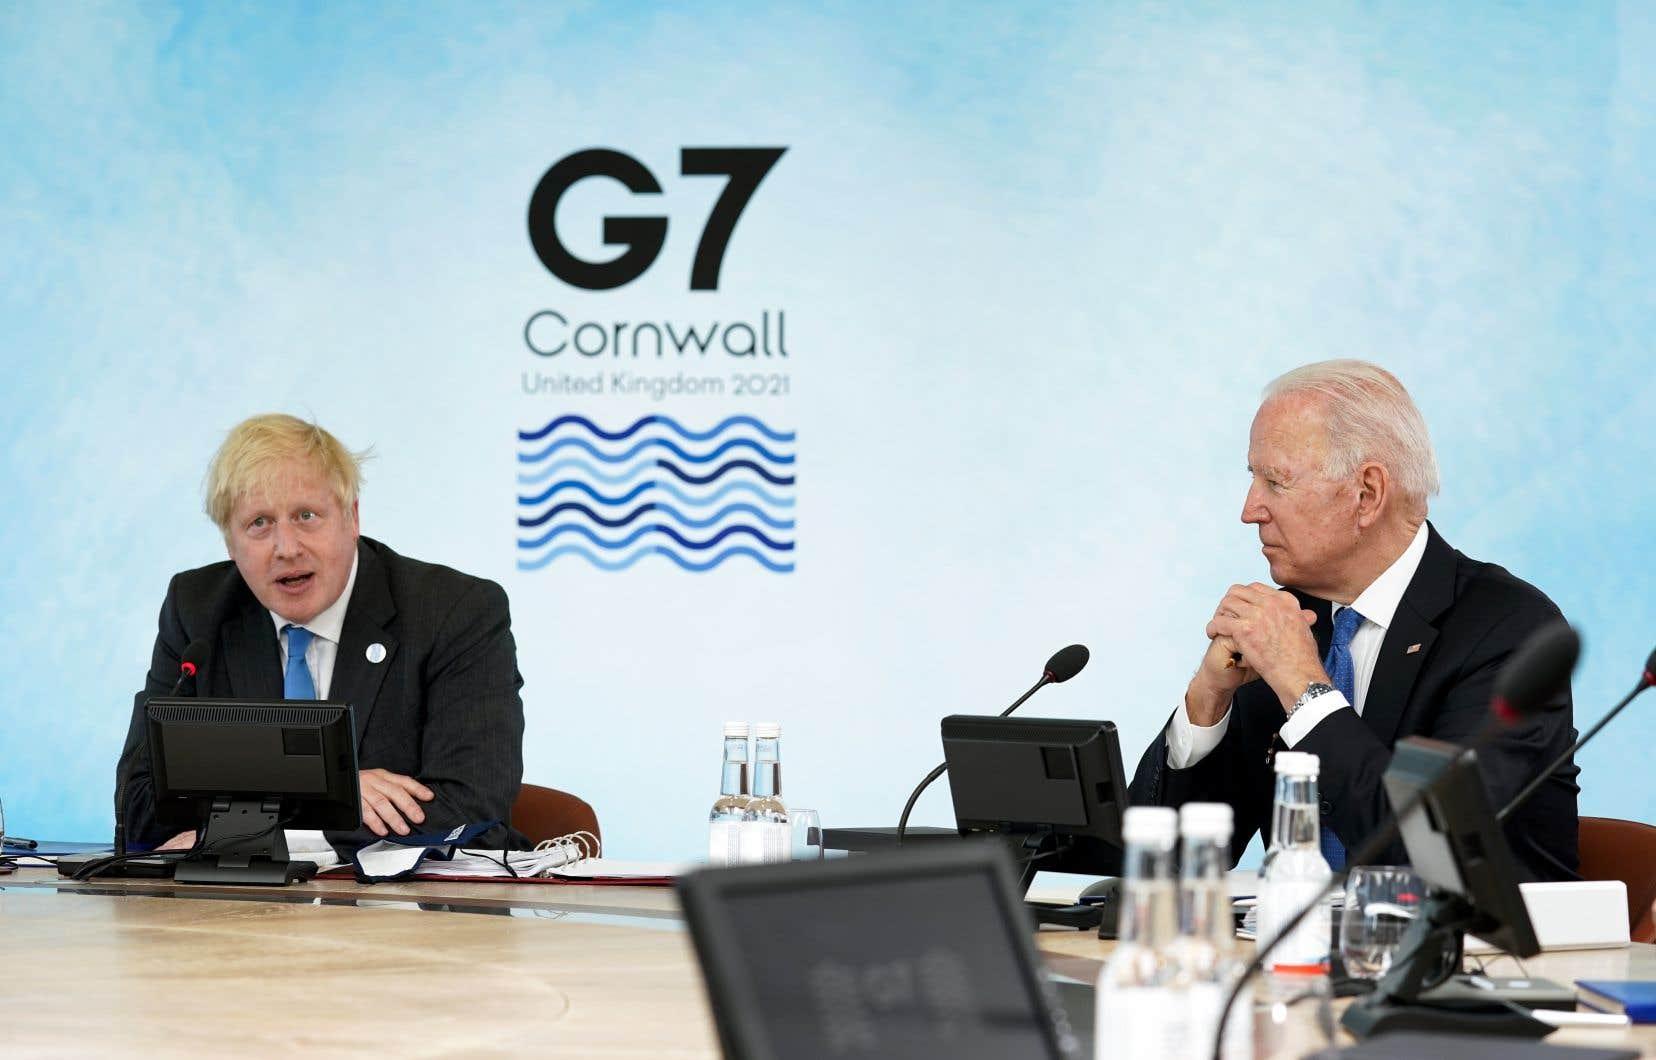 Les pays du G7 ont déclaré, au début du mois, avoir convenu d'une réforme des règles de la fiscalité mondiale aux conséquences «sismiques». Sur la photo, le premier ministre britannique, Boris Johnson, et le président américain, Joe Biden, lors du sommet du G7, la semaine dernière, en Angleterre.